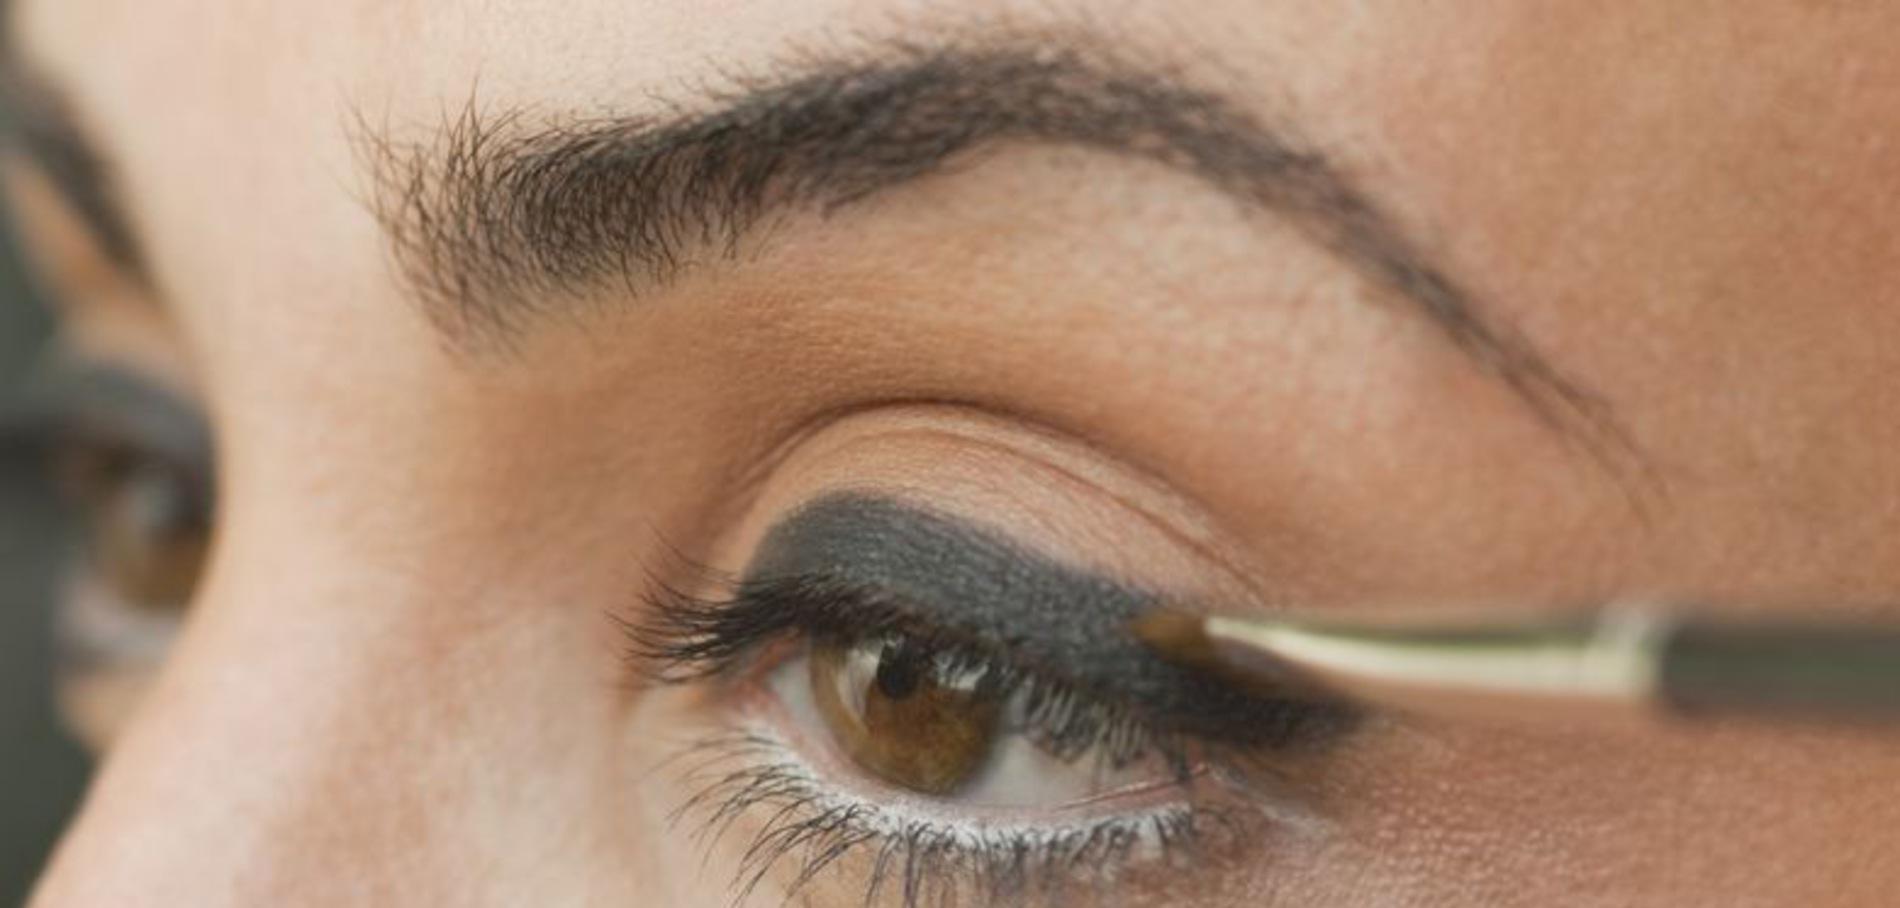 Maquillage libanais : les secrets de cette technique